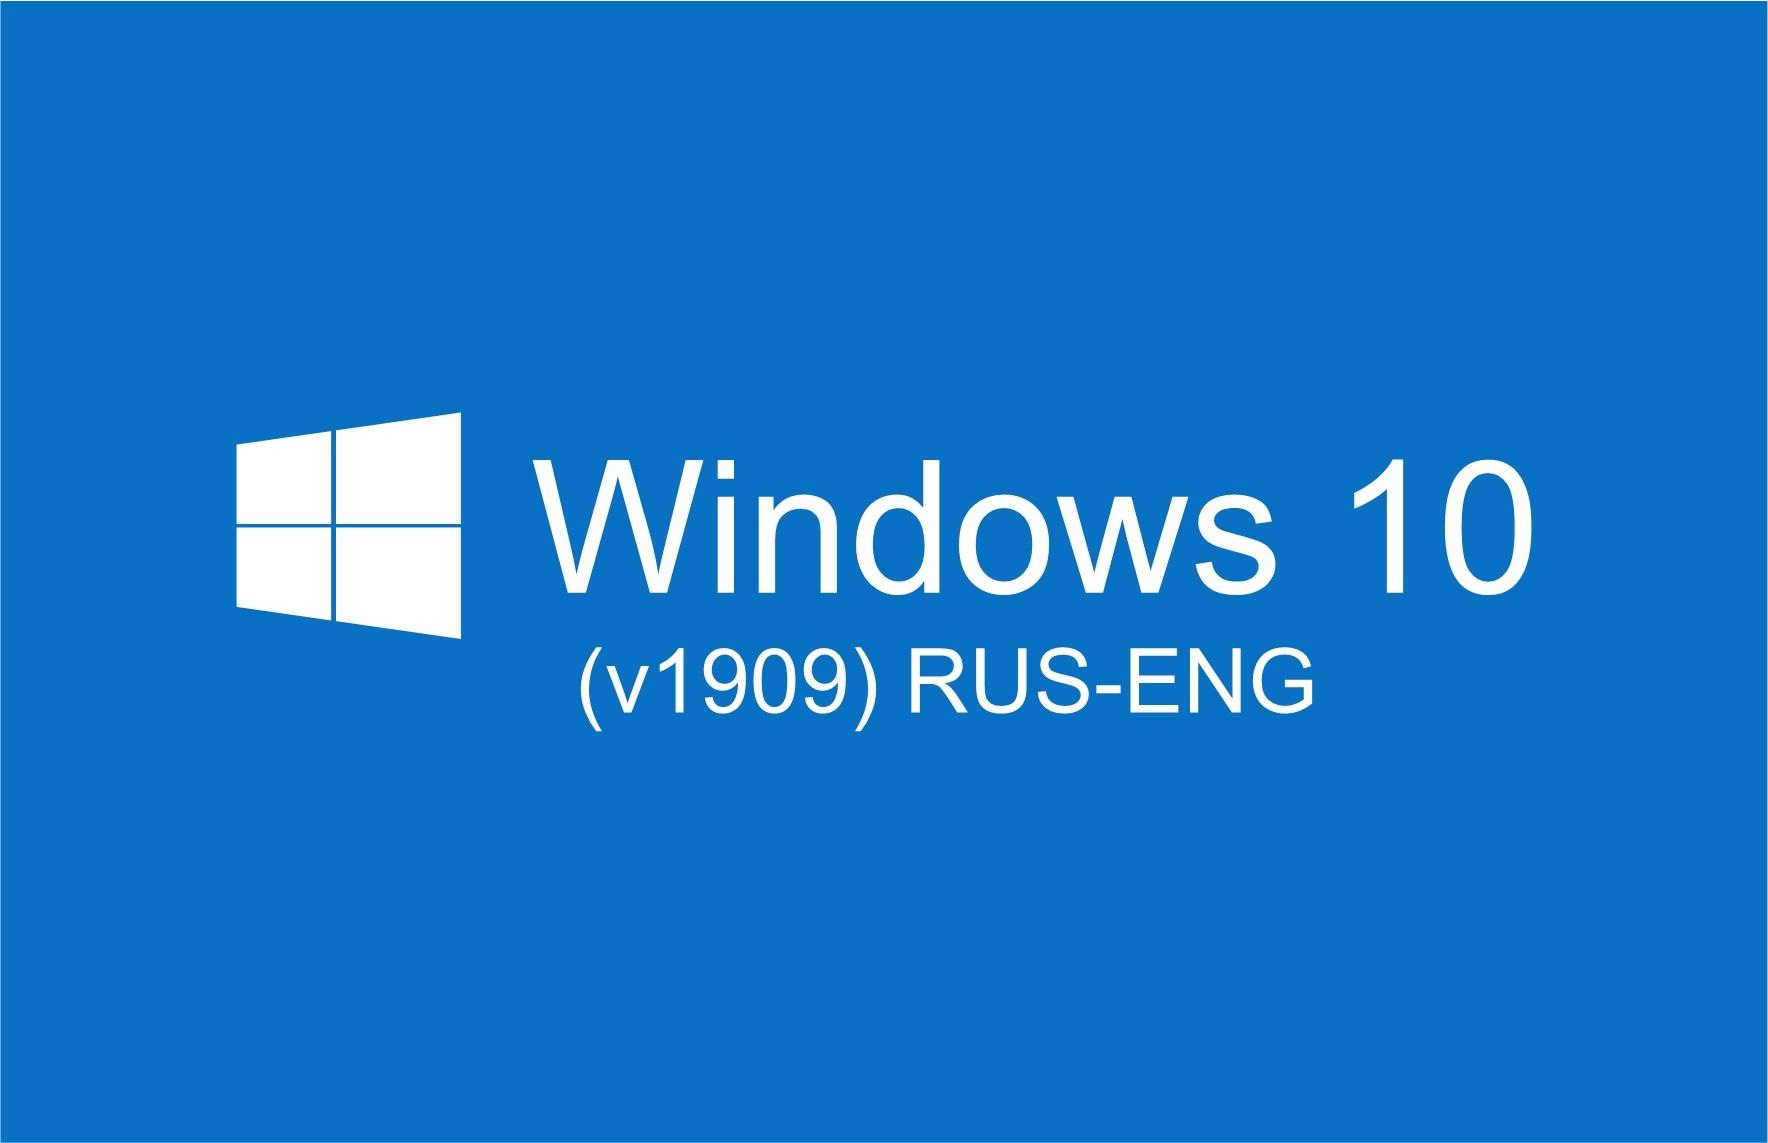 Windows 10 (v1909) RUS-ENG x86-x64